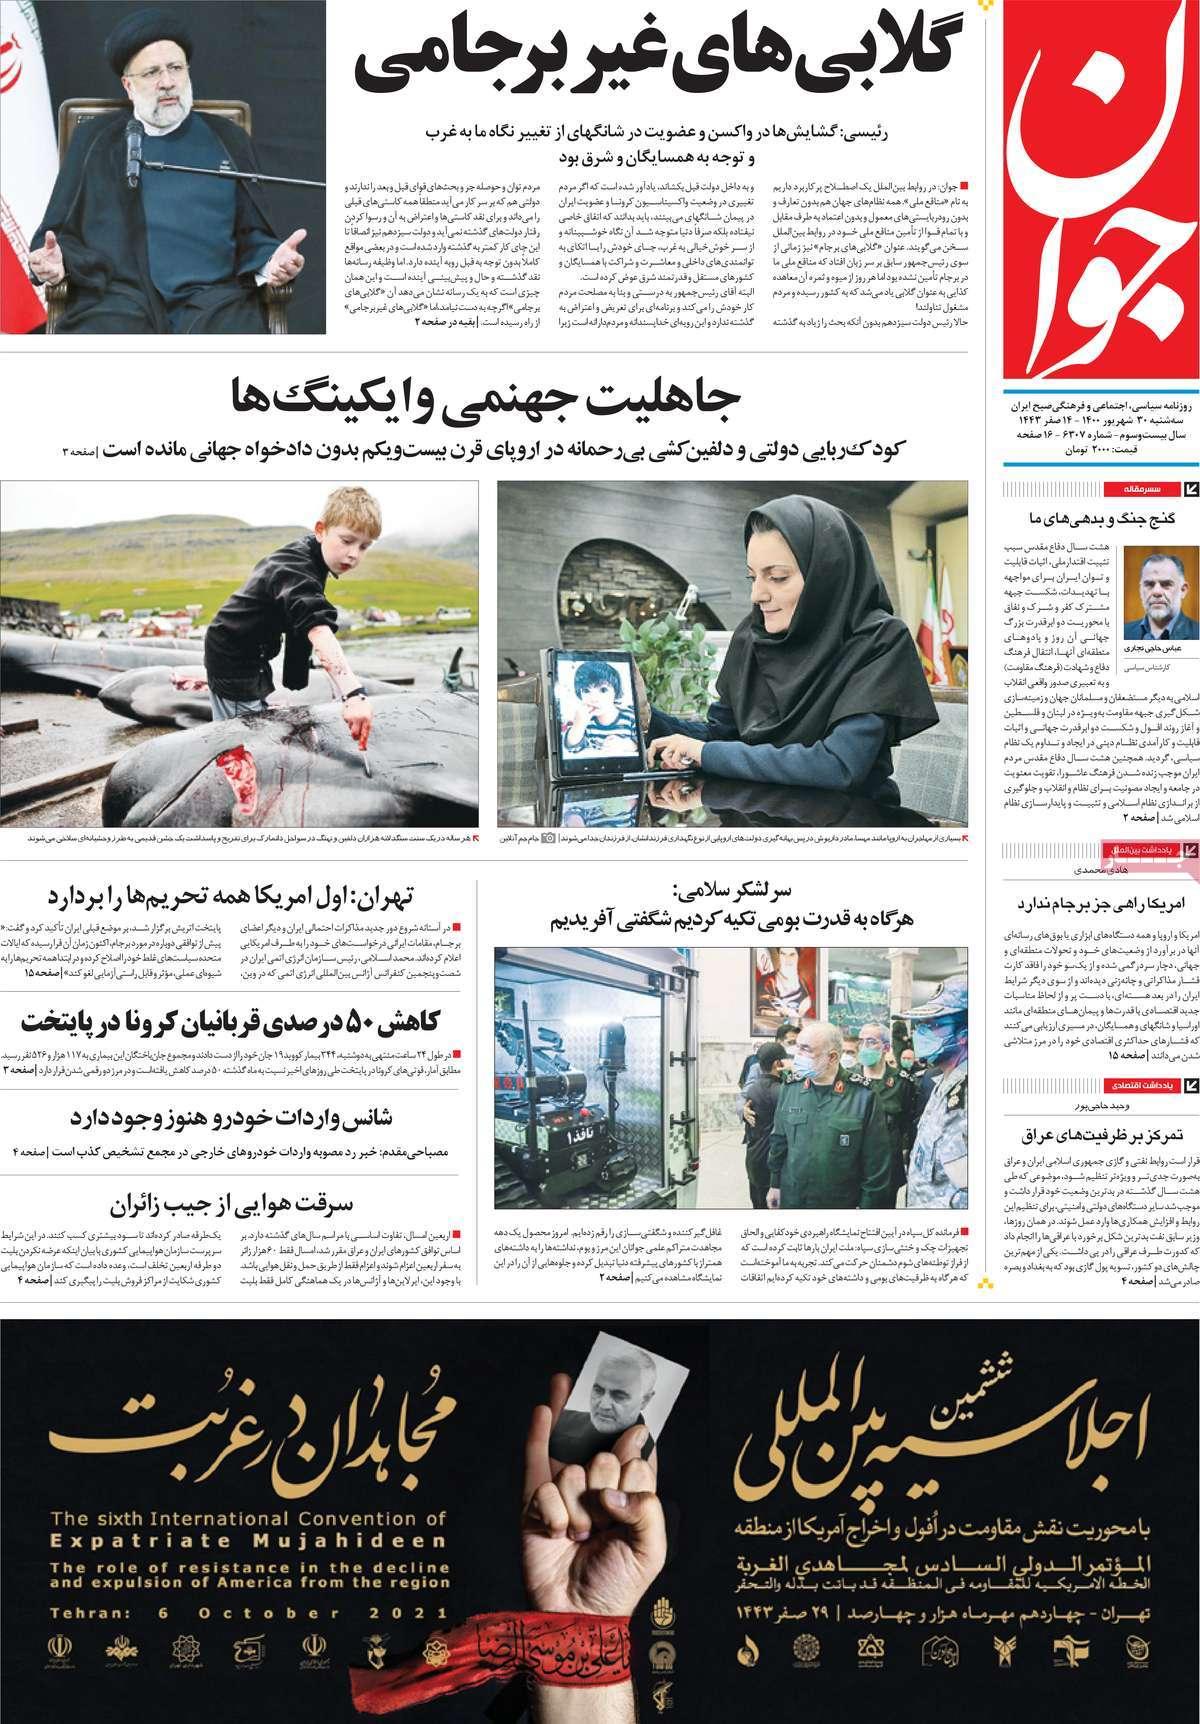 صفحه اول روزنامه  جوان